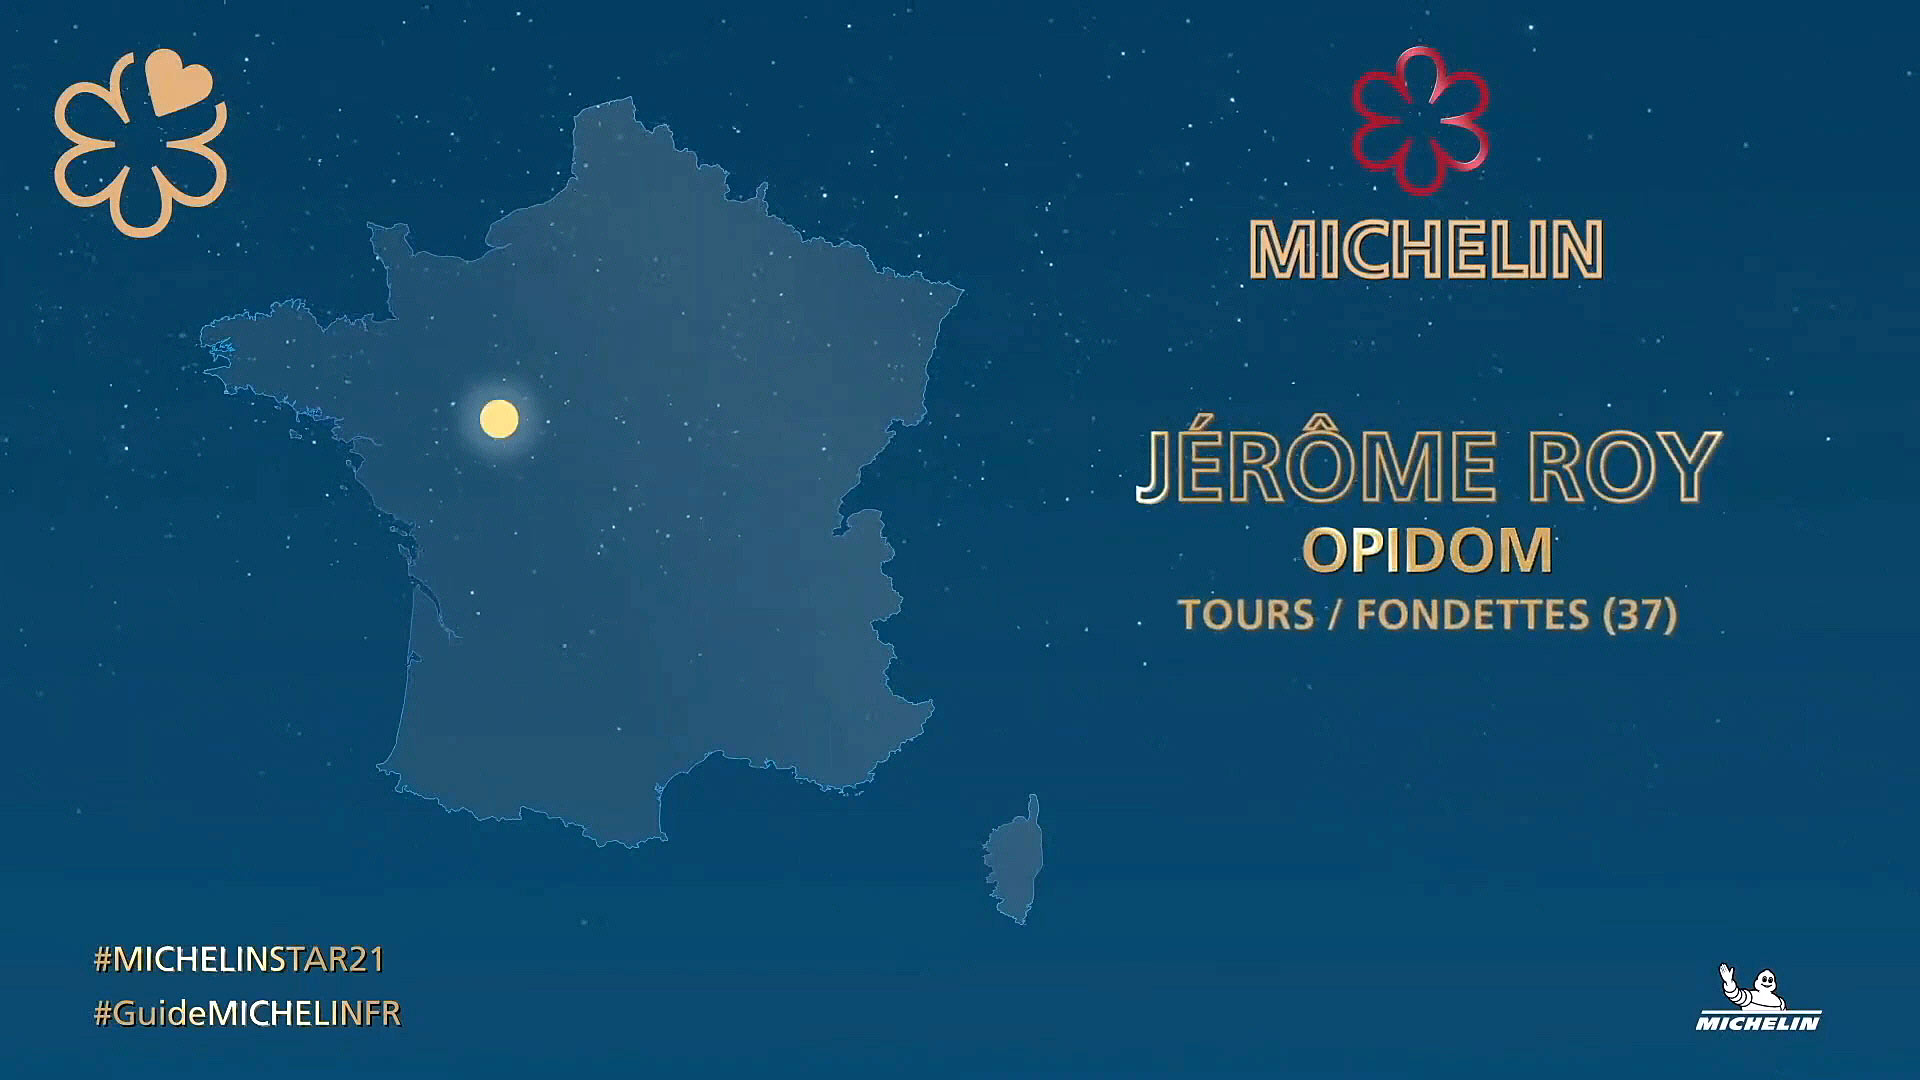 L'Opidom de Jérôme Roy - Crédit photo Michelin